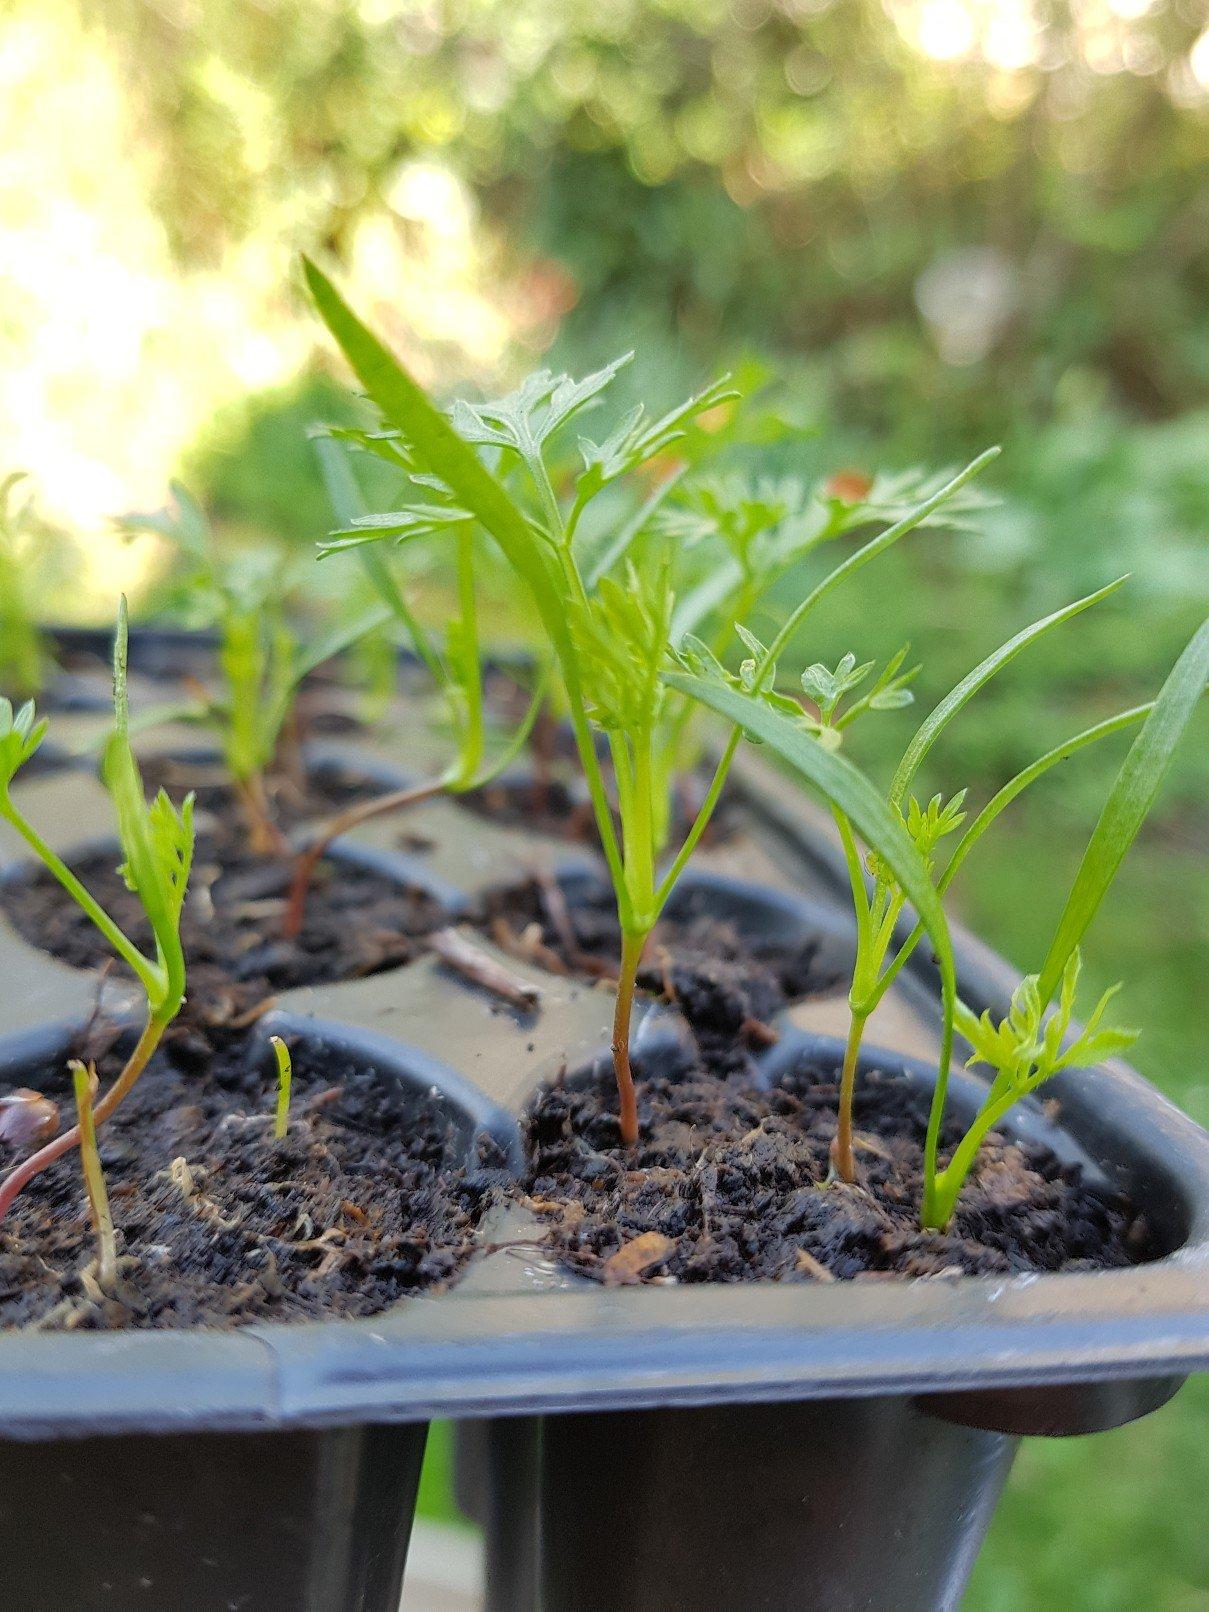 Lieblings Möhren pflanzen statt säen - wie geht das? | Gartenblog #GJ_24